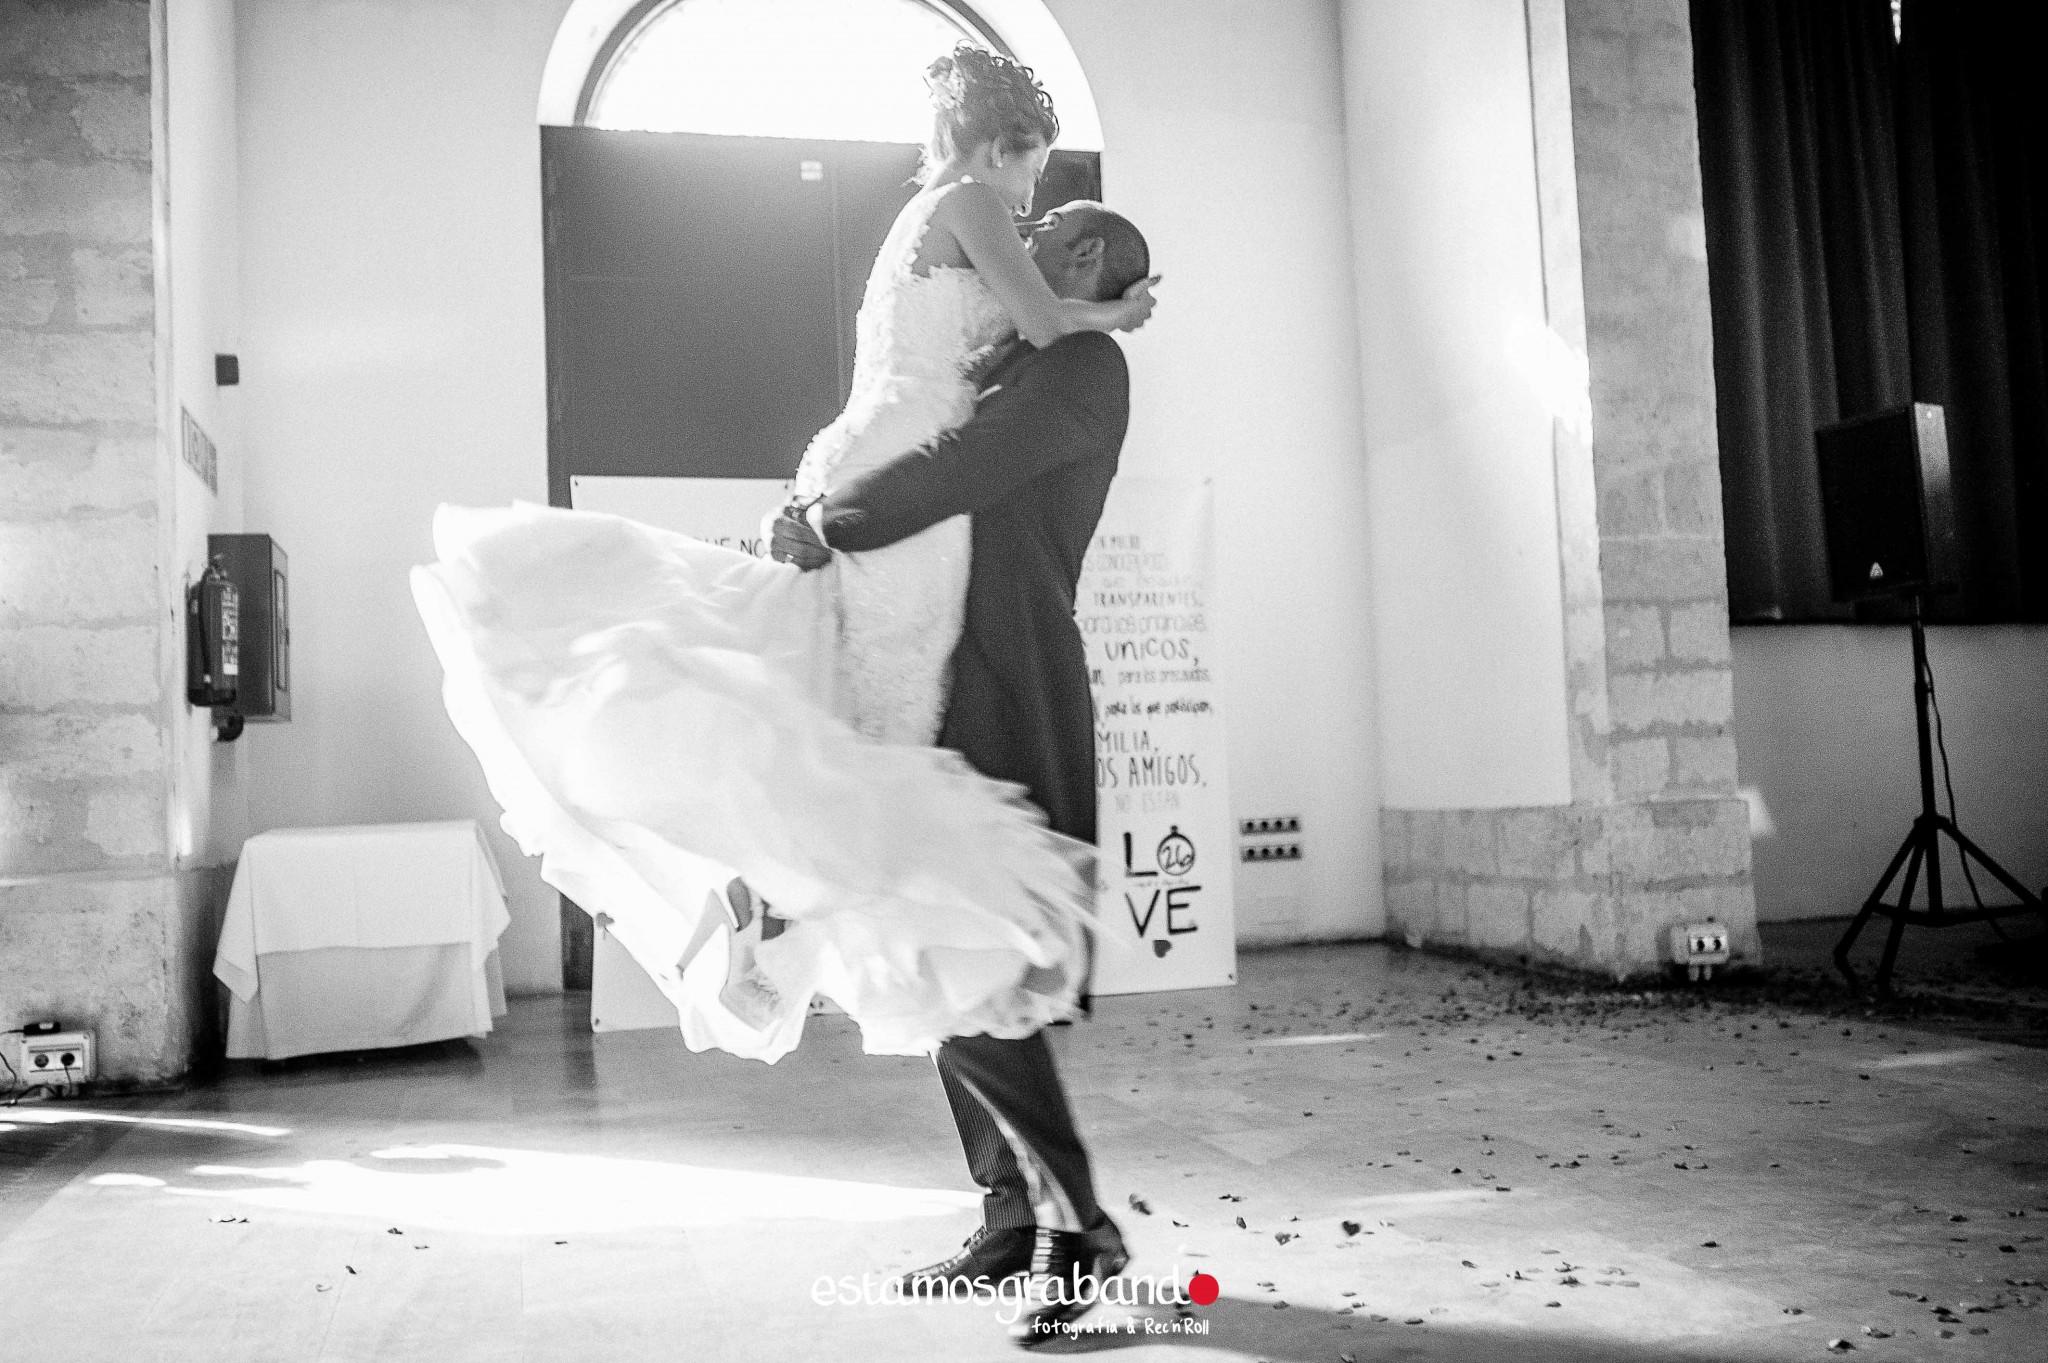 raquel-ale-65-de-68 Raquel & Ale - video boda cadiz